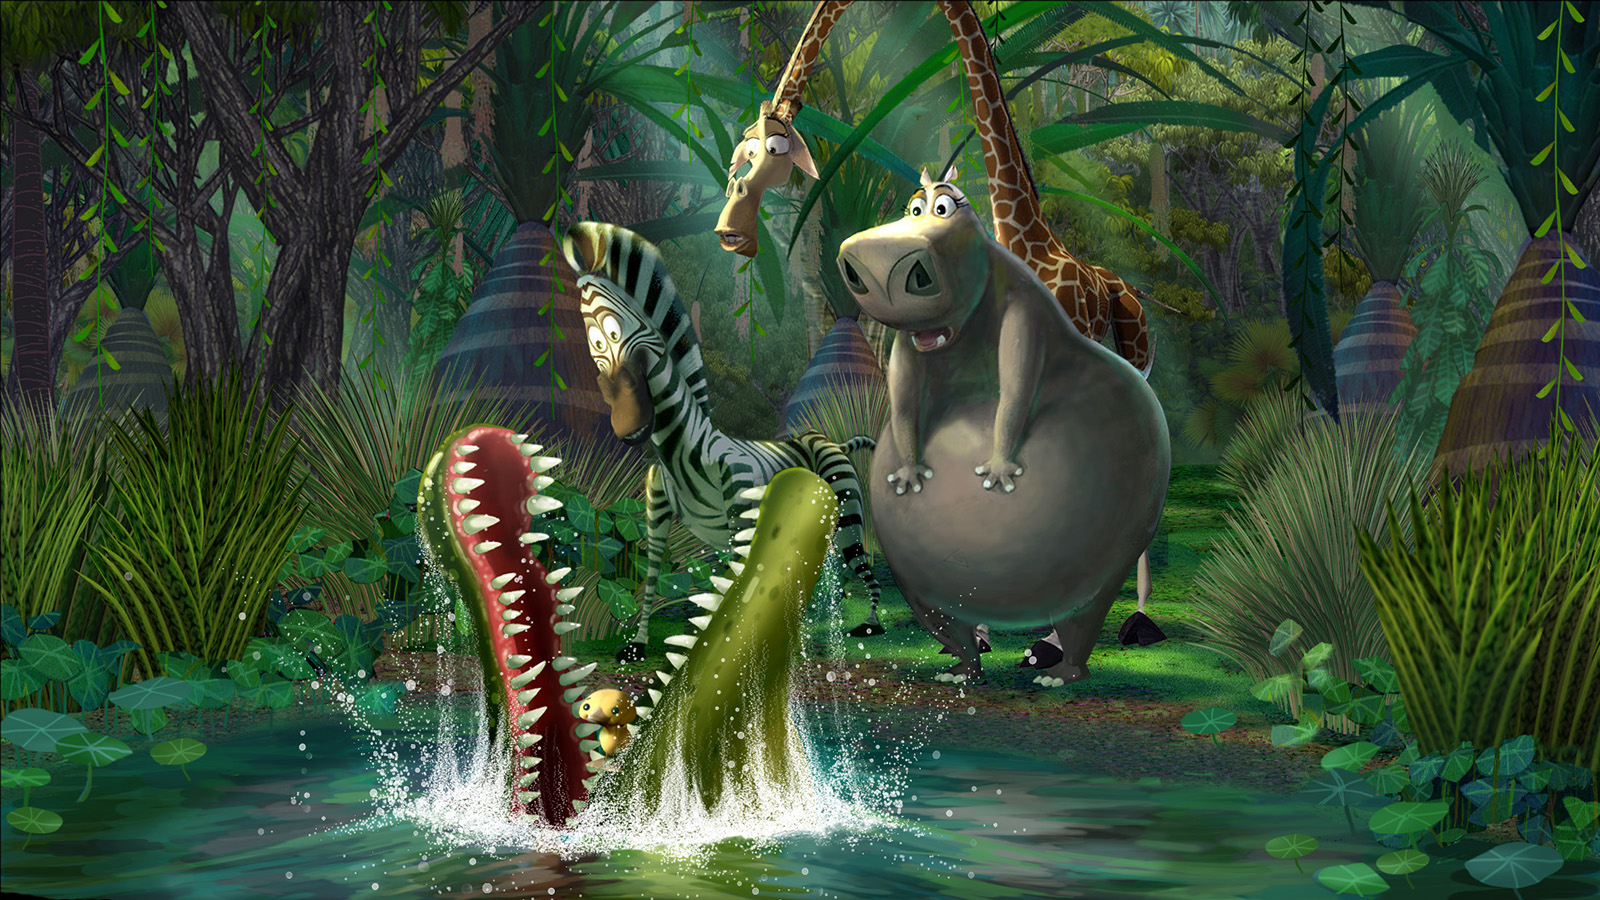 Les 25 ans de DreamWorks Animation dans le Pays de Gex